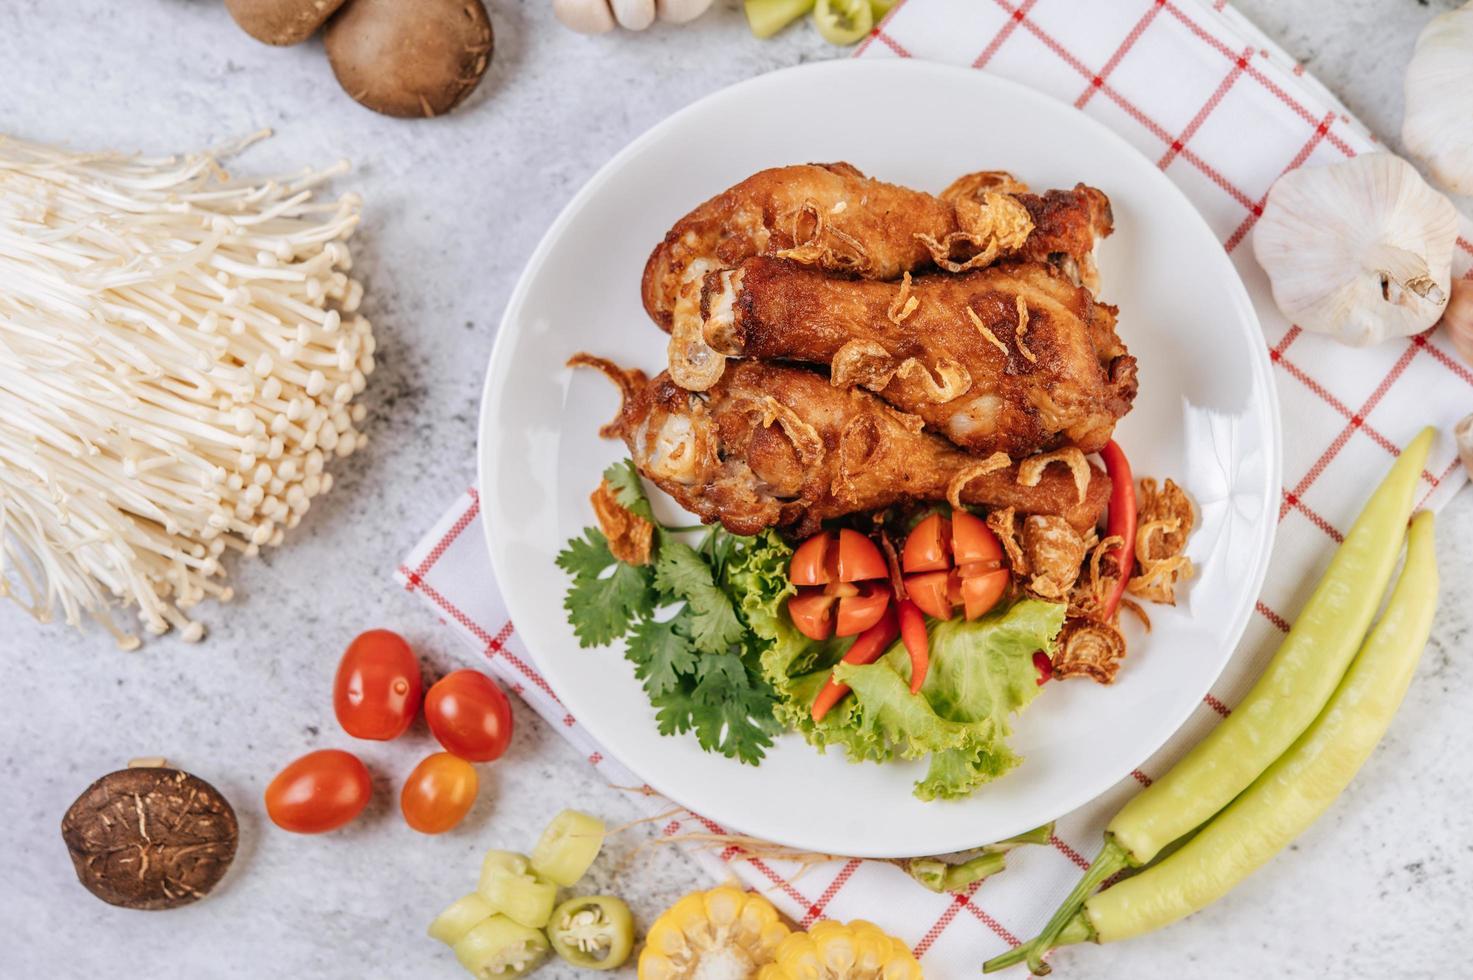 cosce di pollo fritte con pomodoro, peperoncino, cipolla fritta, lattuga, mais e funghi foto